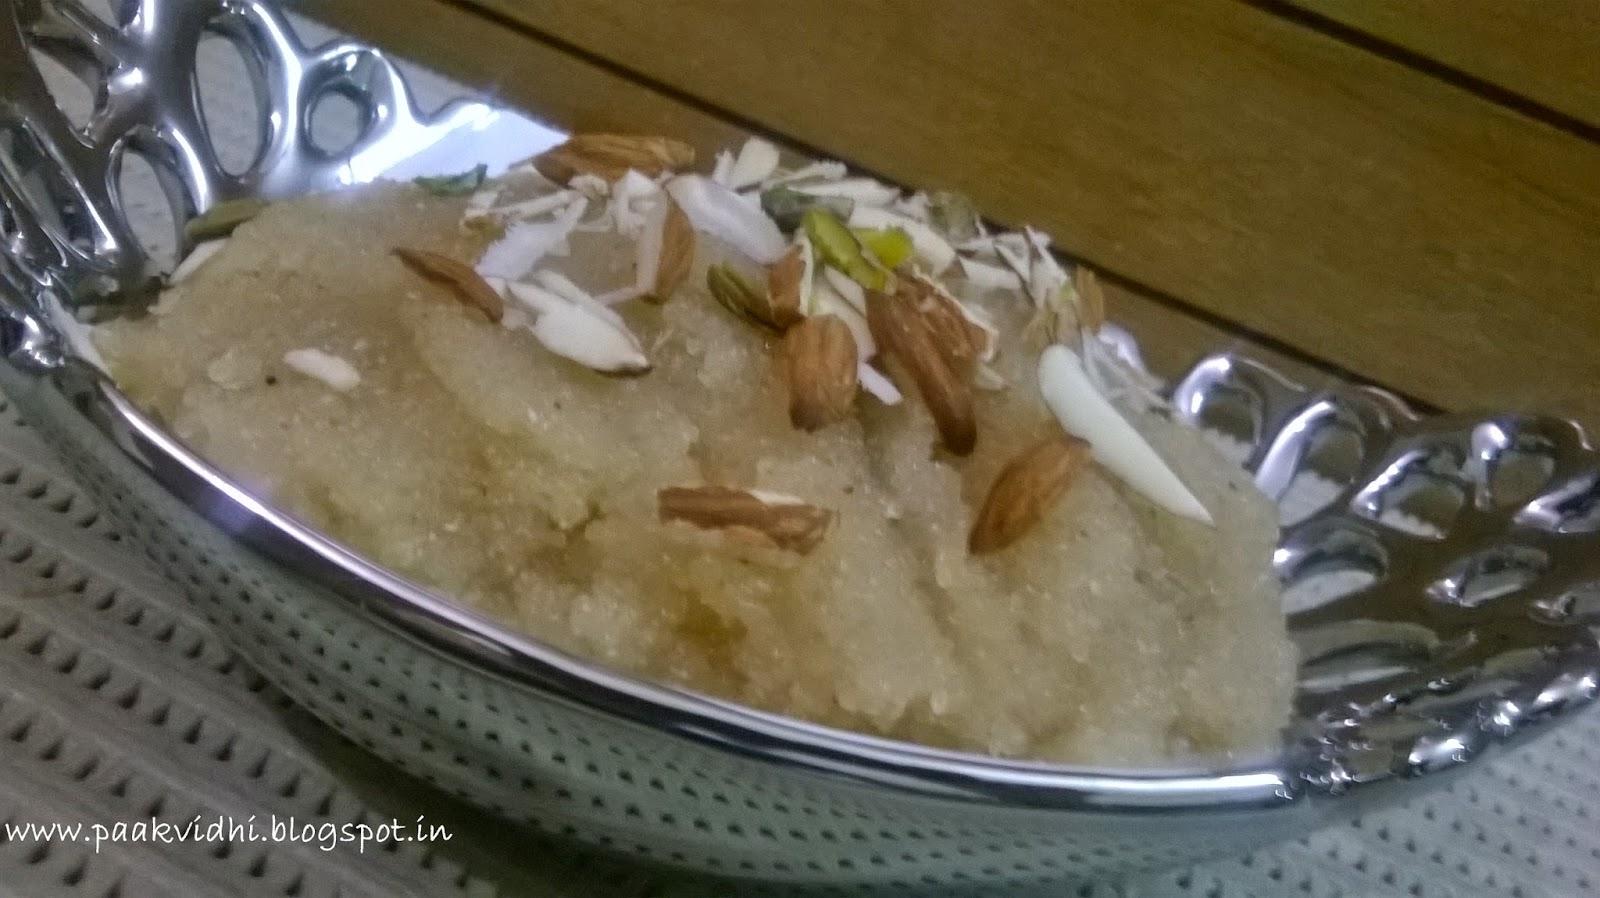 http://paakvidhi.blogspot.in/2014/09/suji-halwa.html